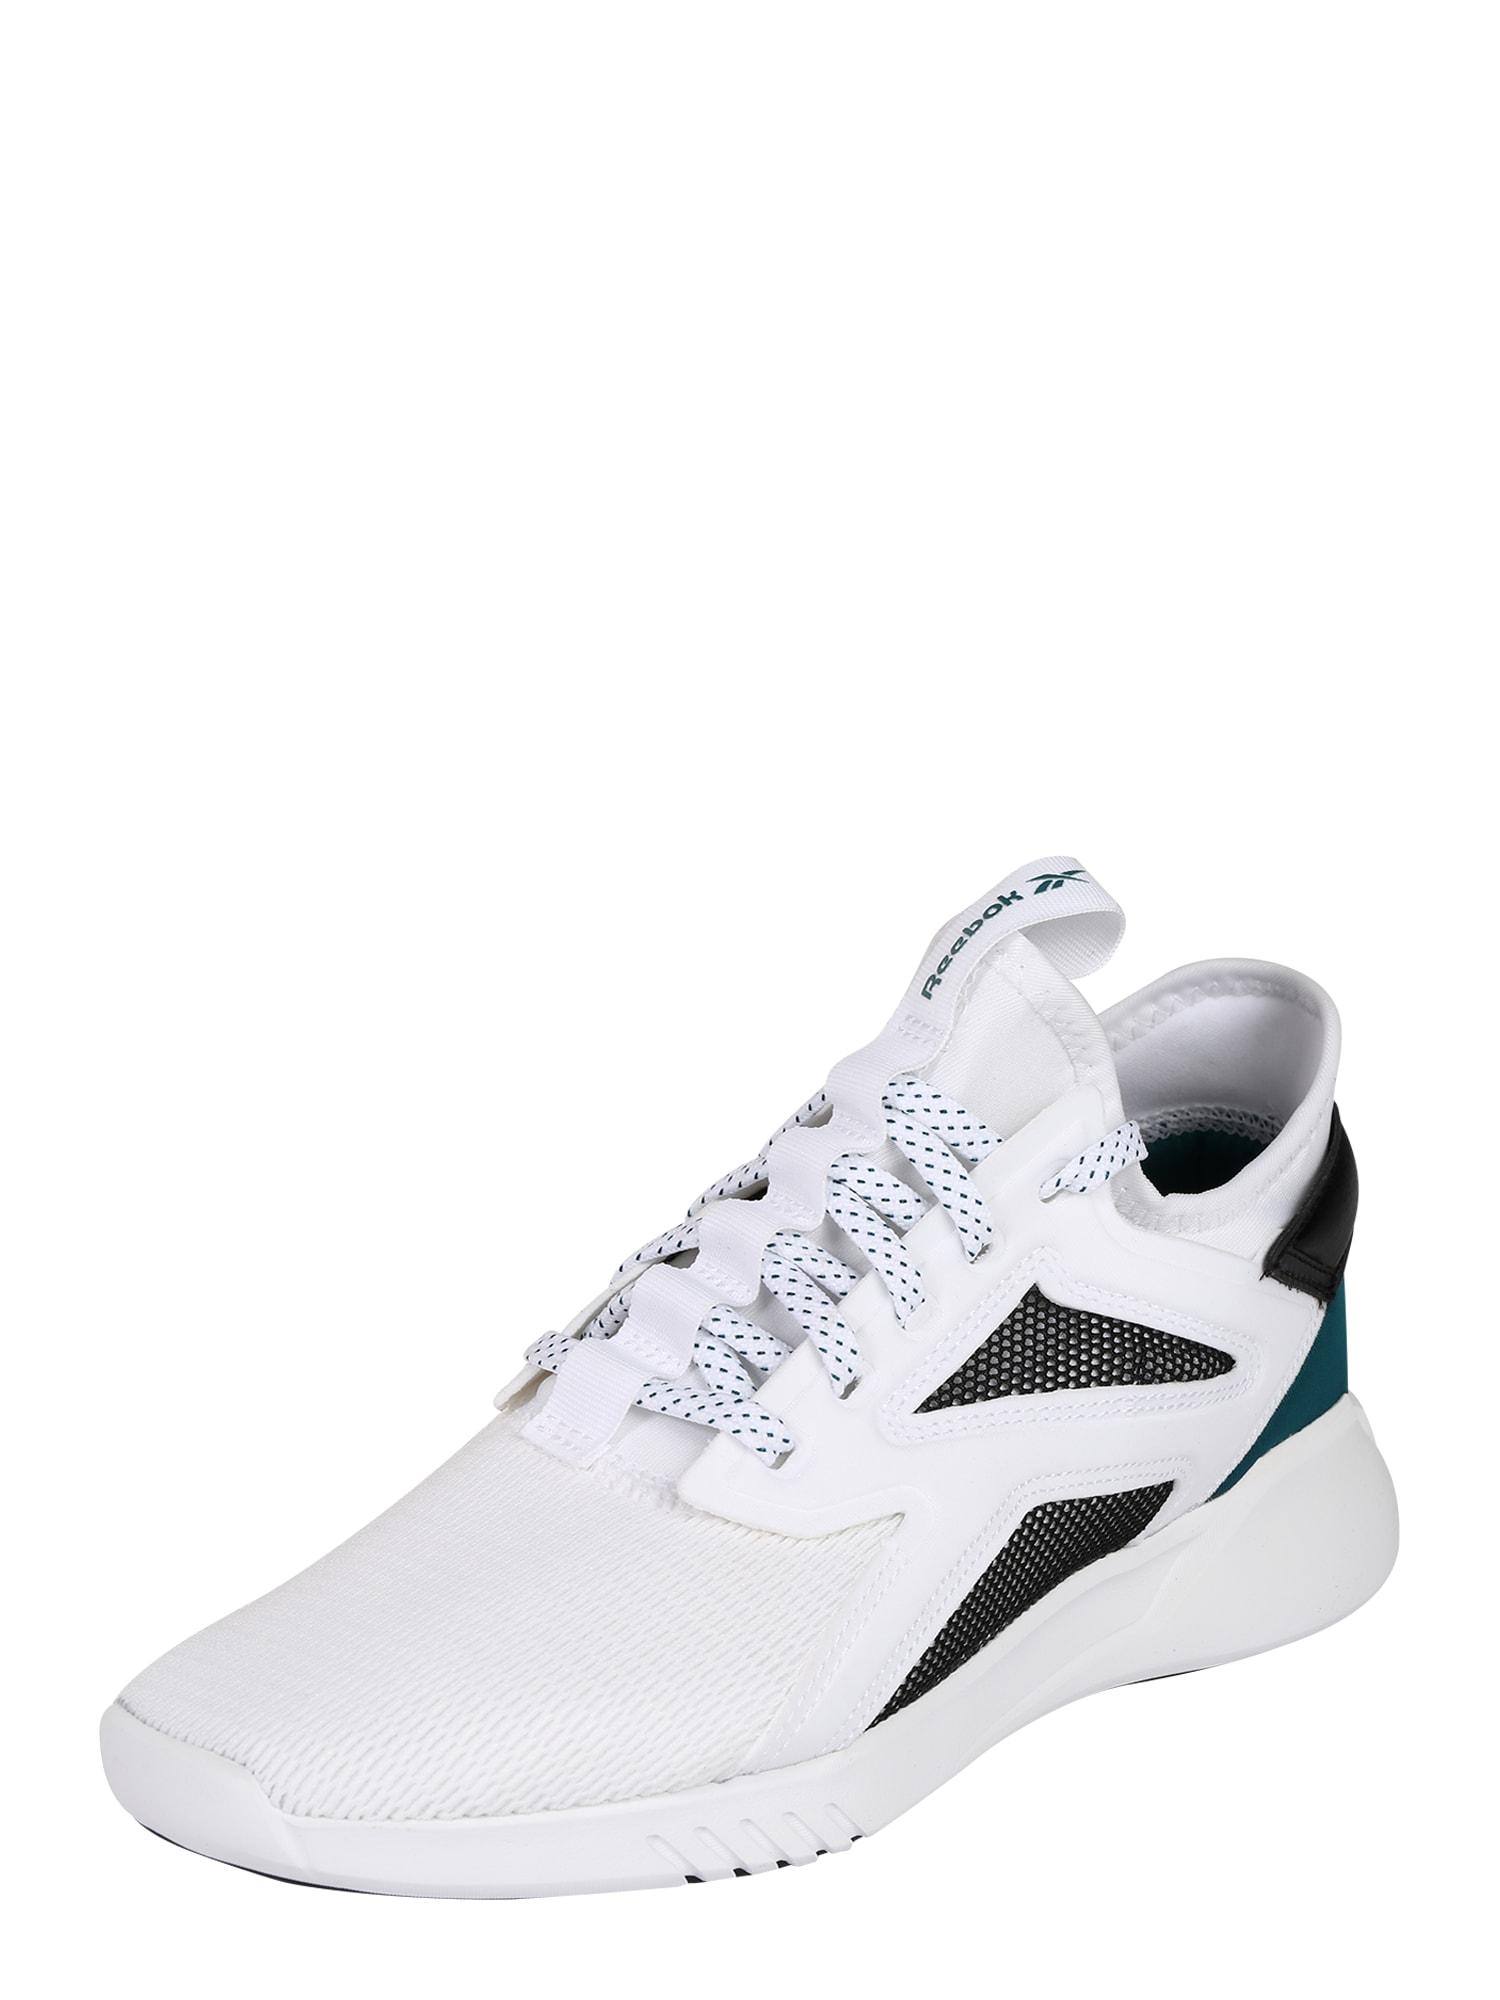 REEBOK Sportiniai batai 'FREESTYLE MOTION LO' juoda / balta / smaragdinė spalva